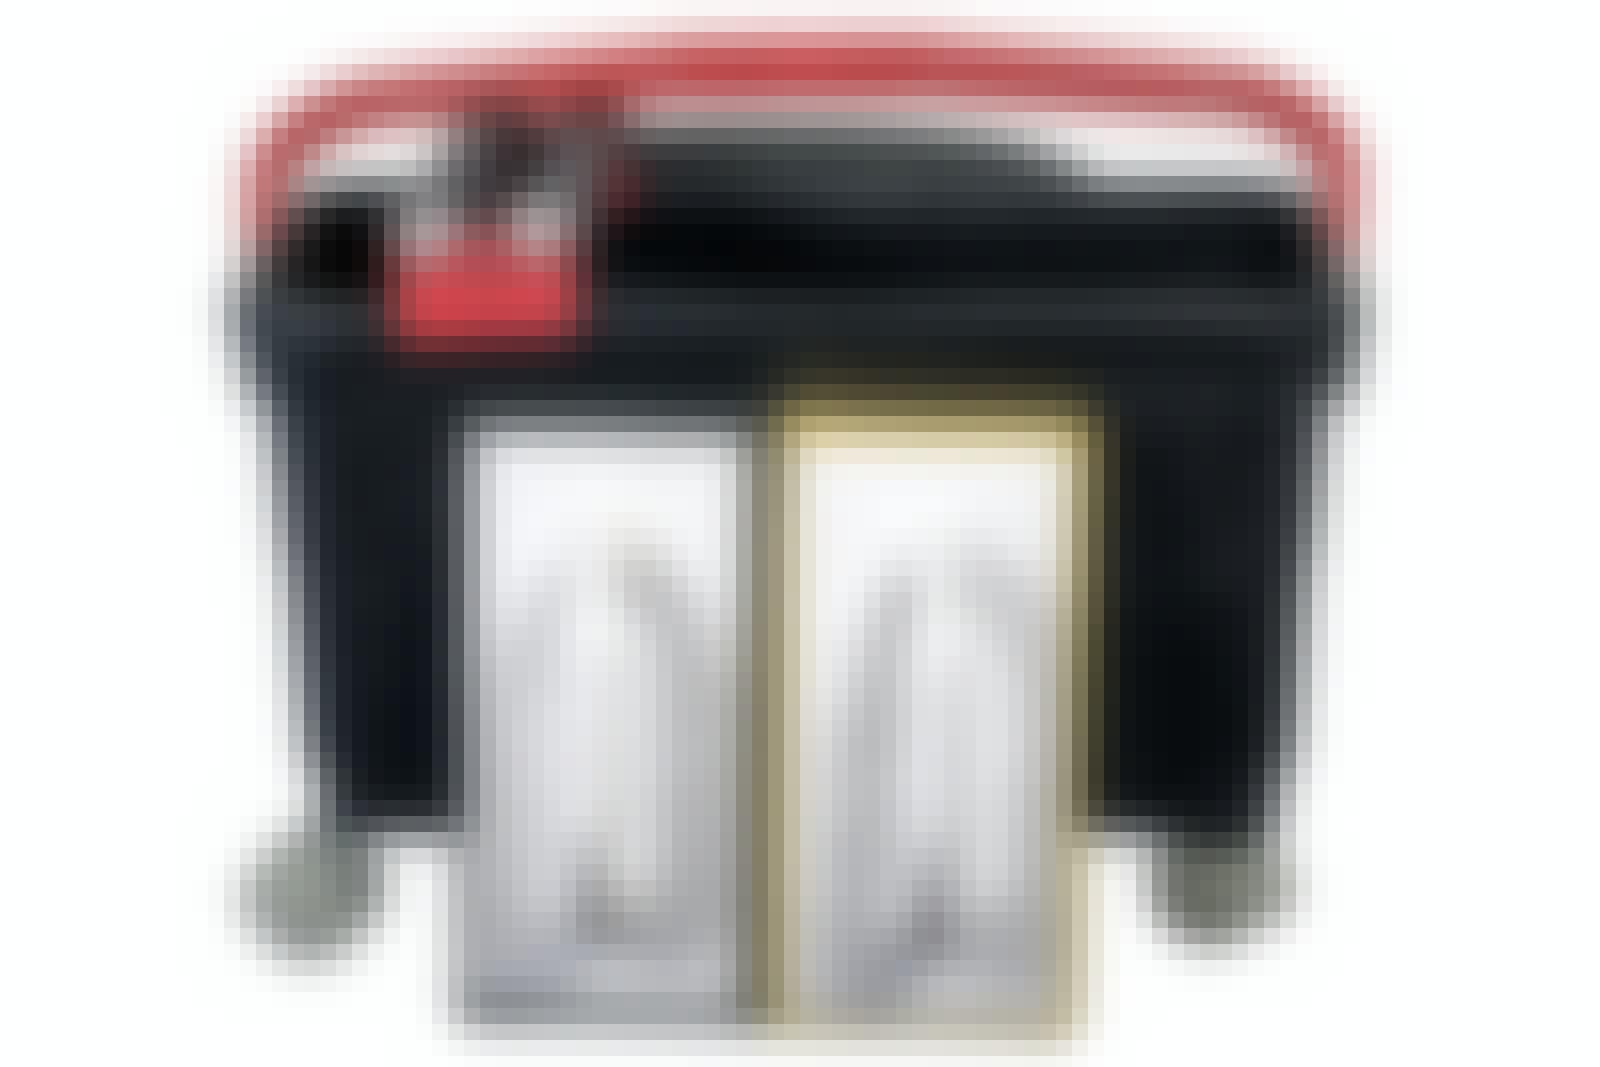 Fugning af fliser: Flisefugesæt med rullespand, skumgummibræt og gummibræt.